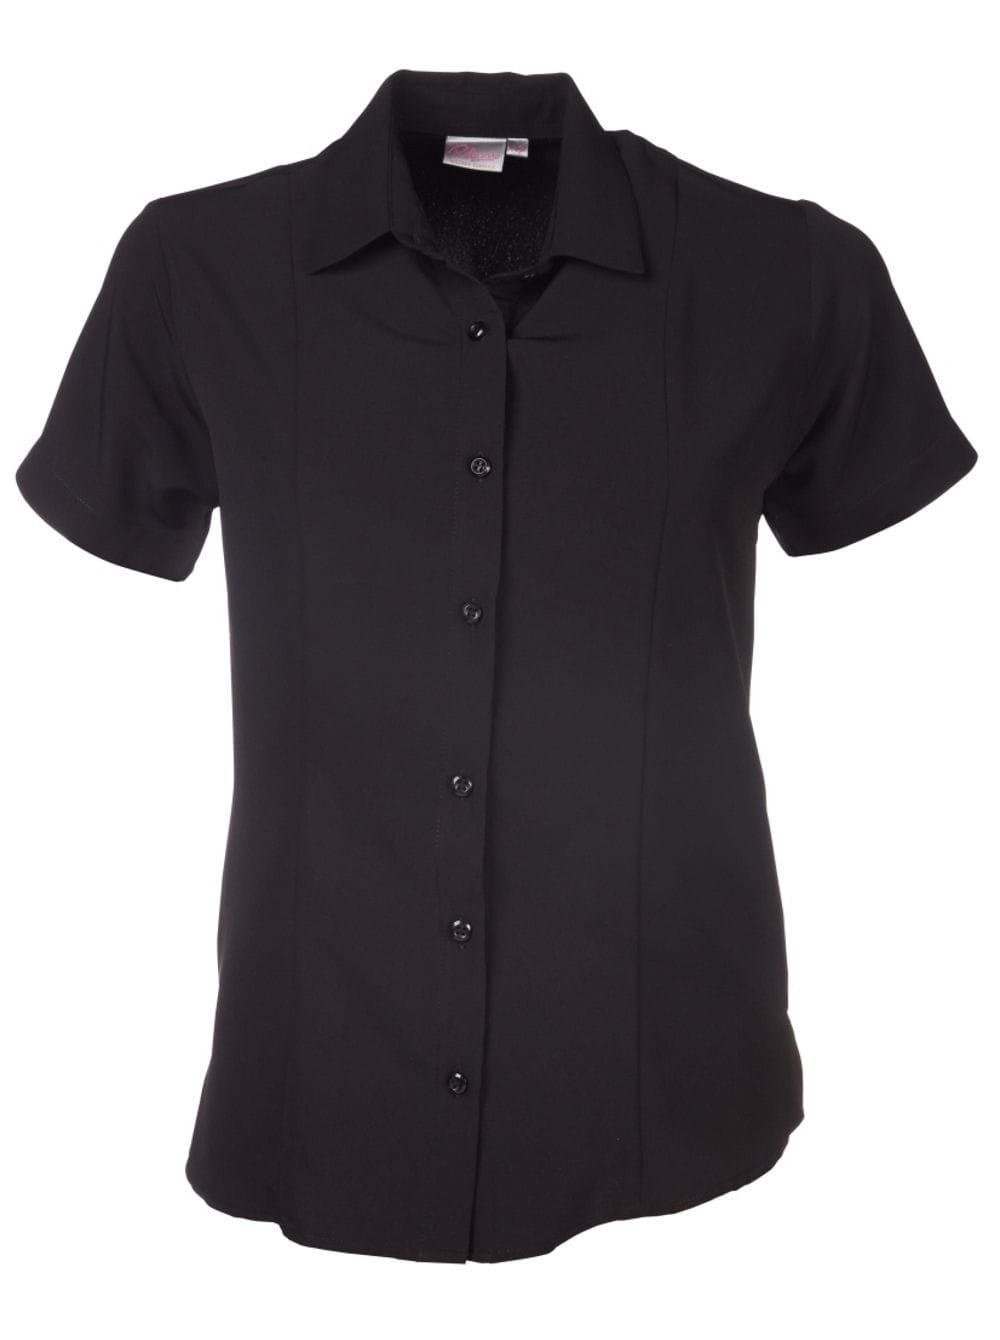 Ladies Zoe Short Sleeve Blouse Black